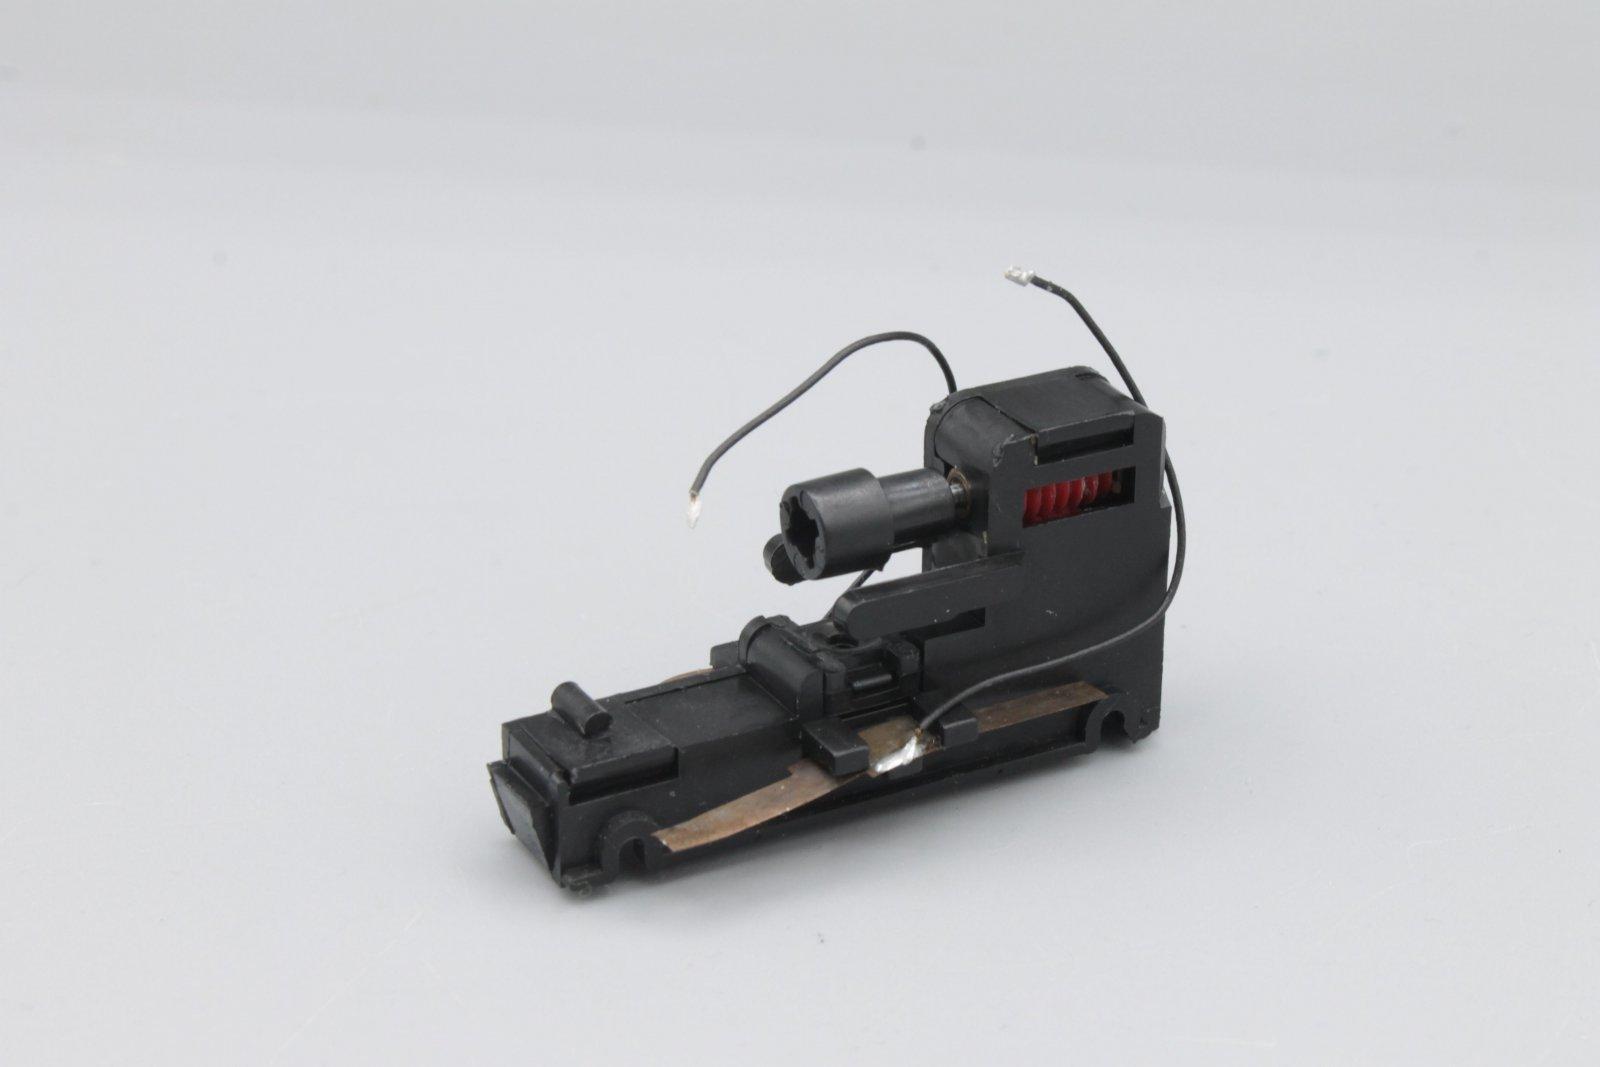 Ersatzteil Roco110 / 140 Getriebe rot/weiße Zahnräder schrägverz. -schwarz-Var.2